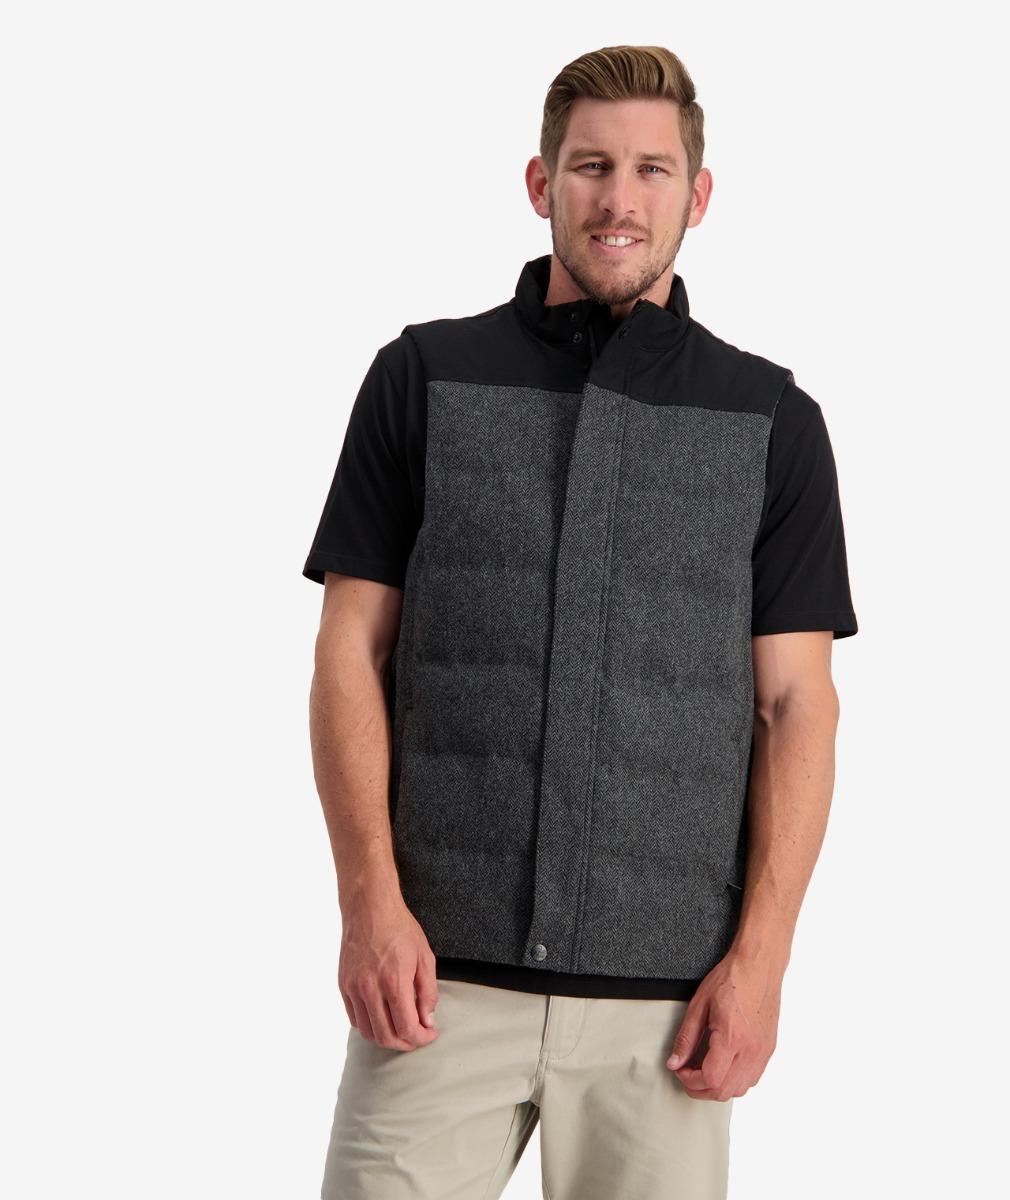 Swanndri Men's Hakatere Insulated Vest